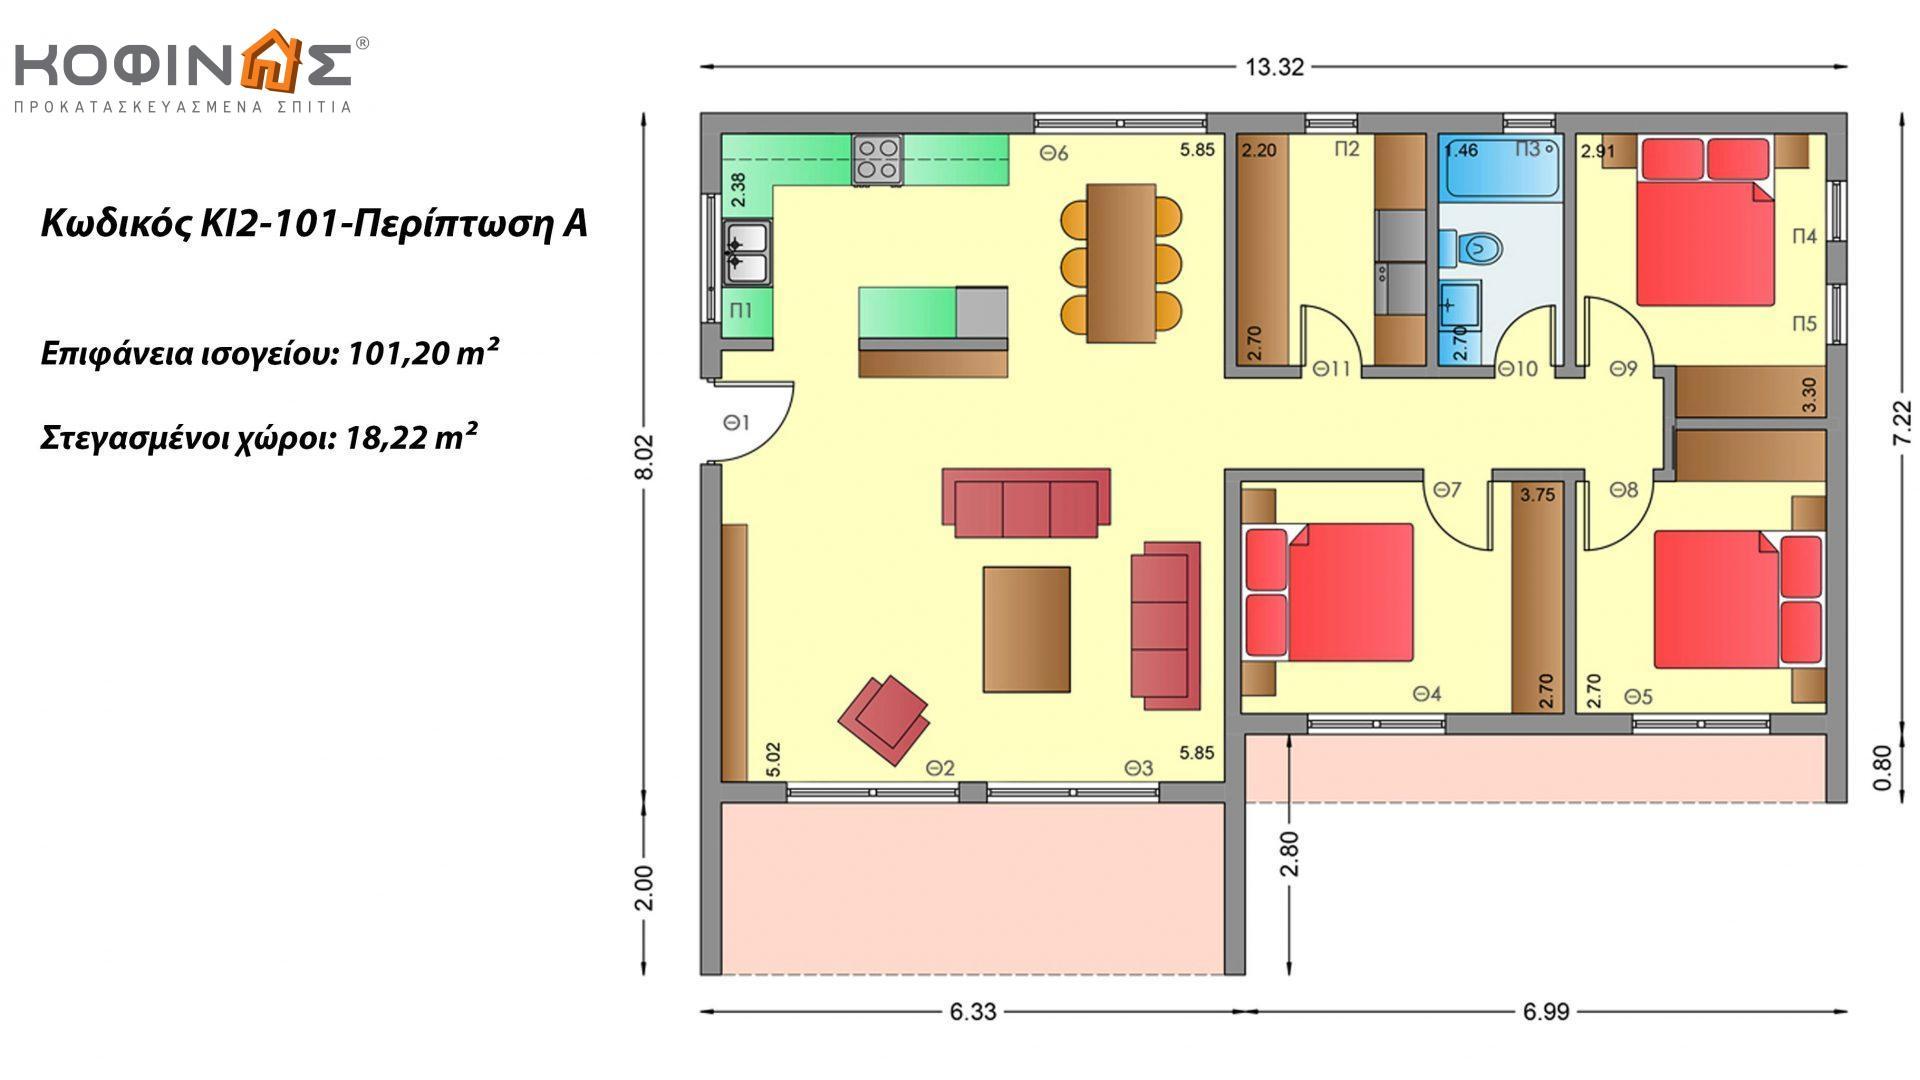 Ισόγεια Κατοικία KI2-101 συνολικής επιφάνειας 101,20 τ.μ., στεγασμένοι χώροι 18,22 τ.μ